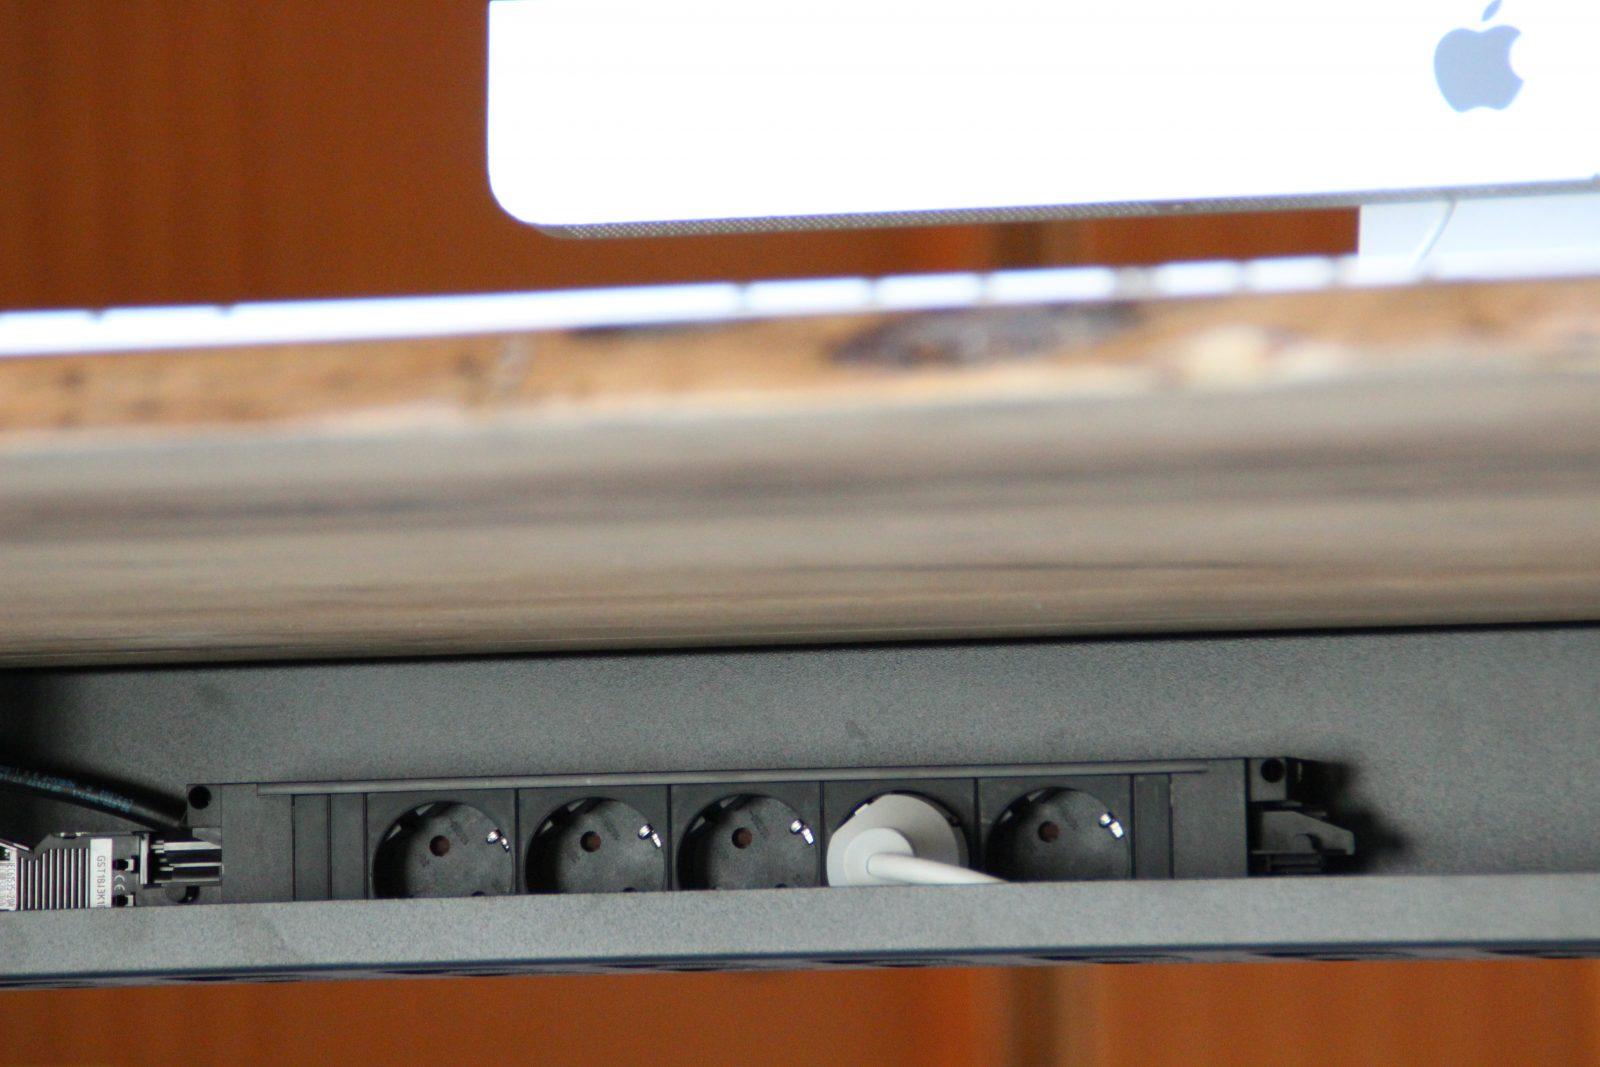 Elektrifizierung am Schreibtisch